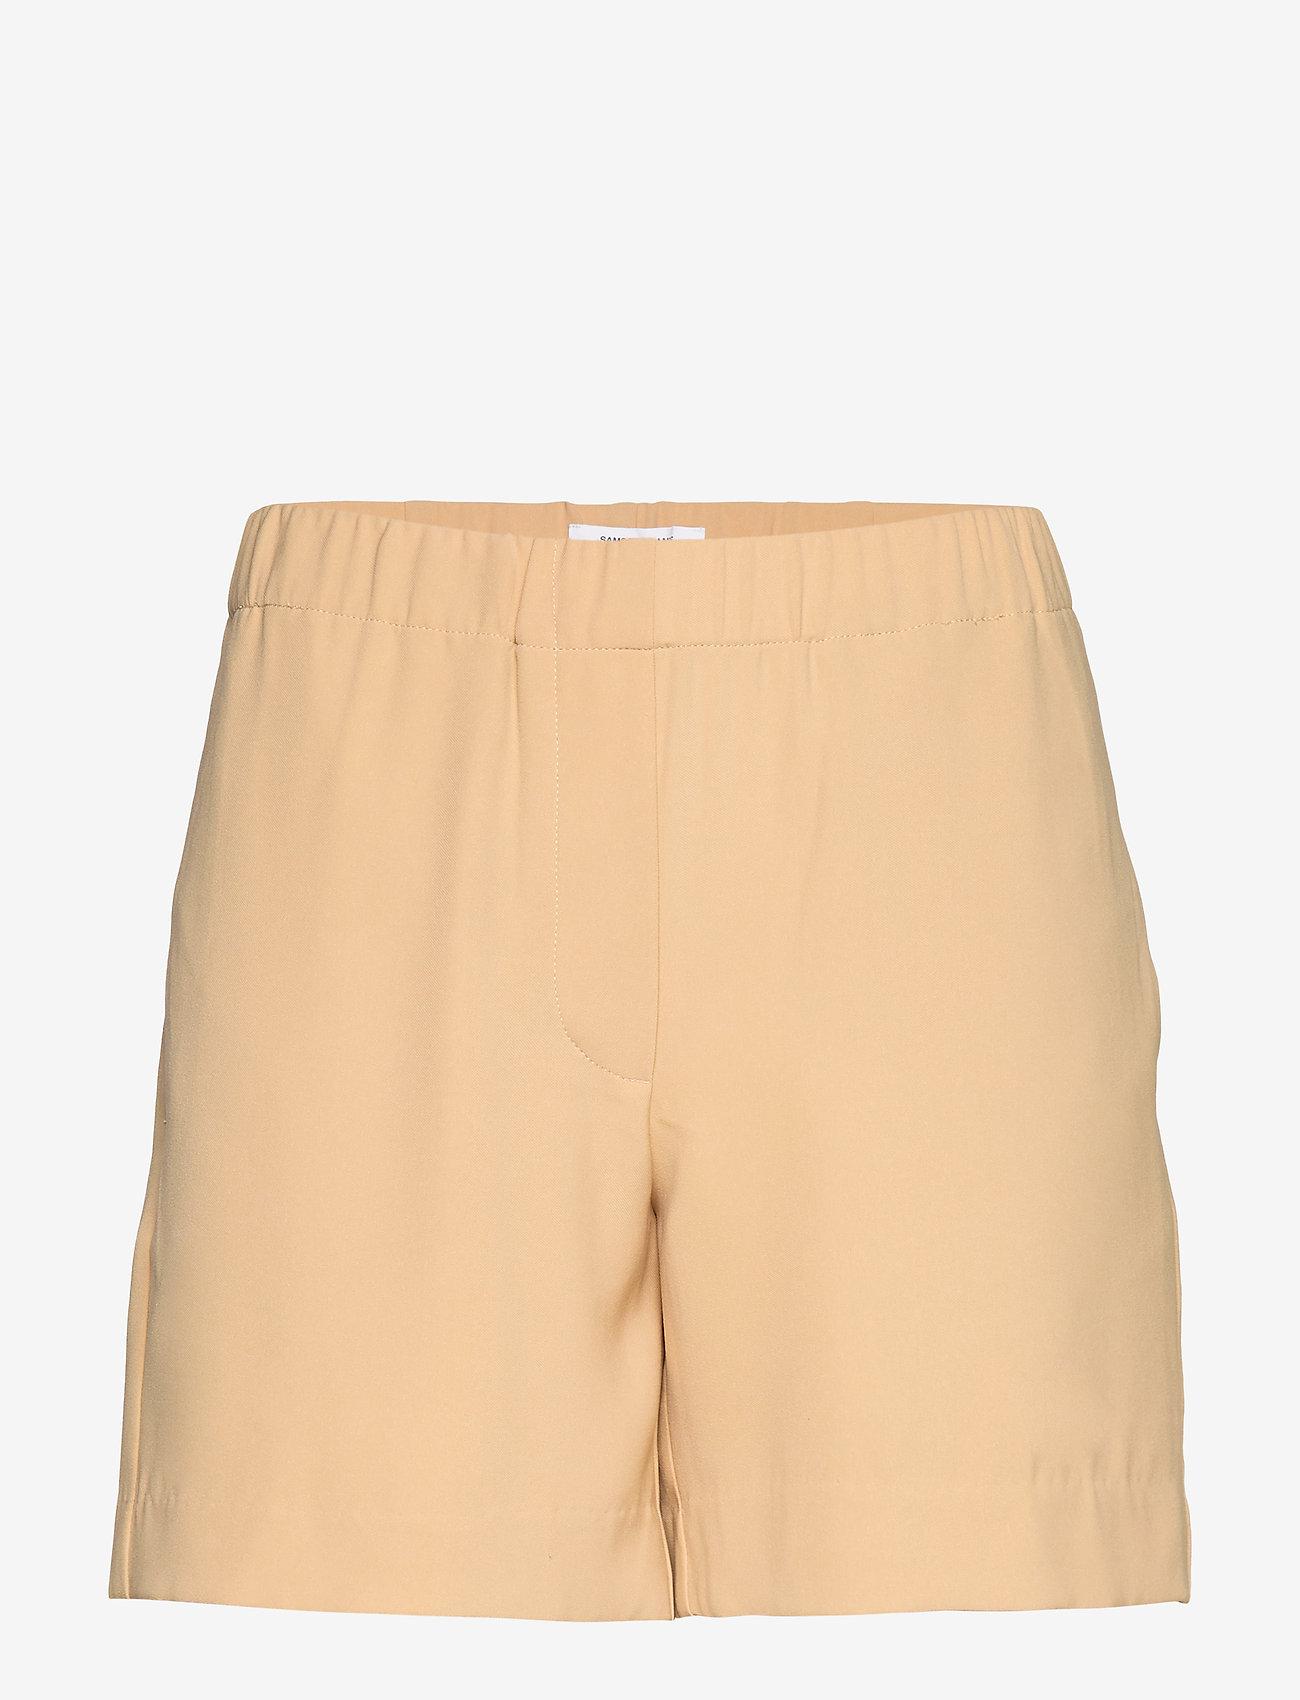 Samsøe Samsøe - Hoys shorts 10654 - shorts casual - croissant - 0